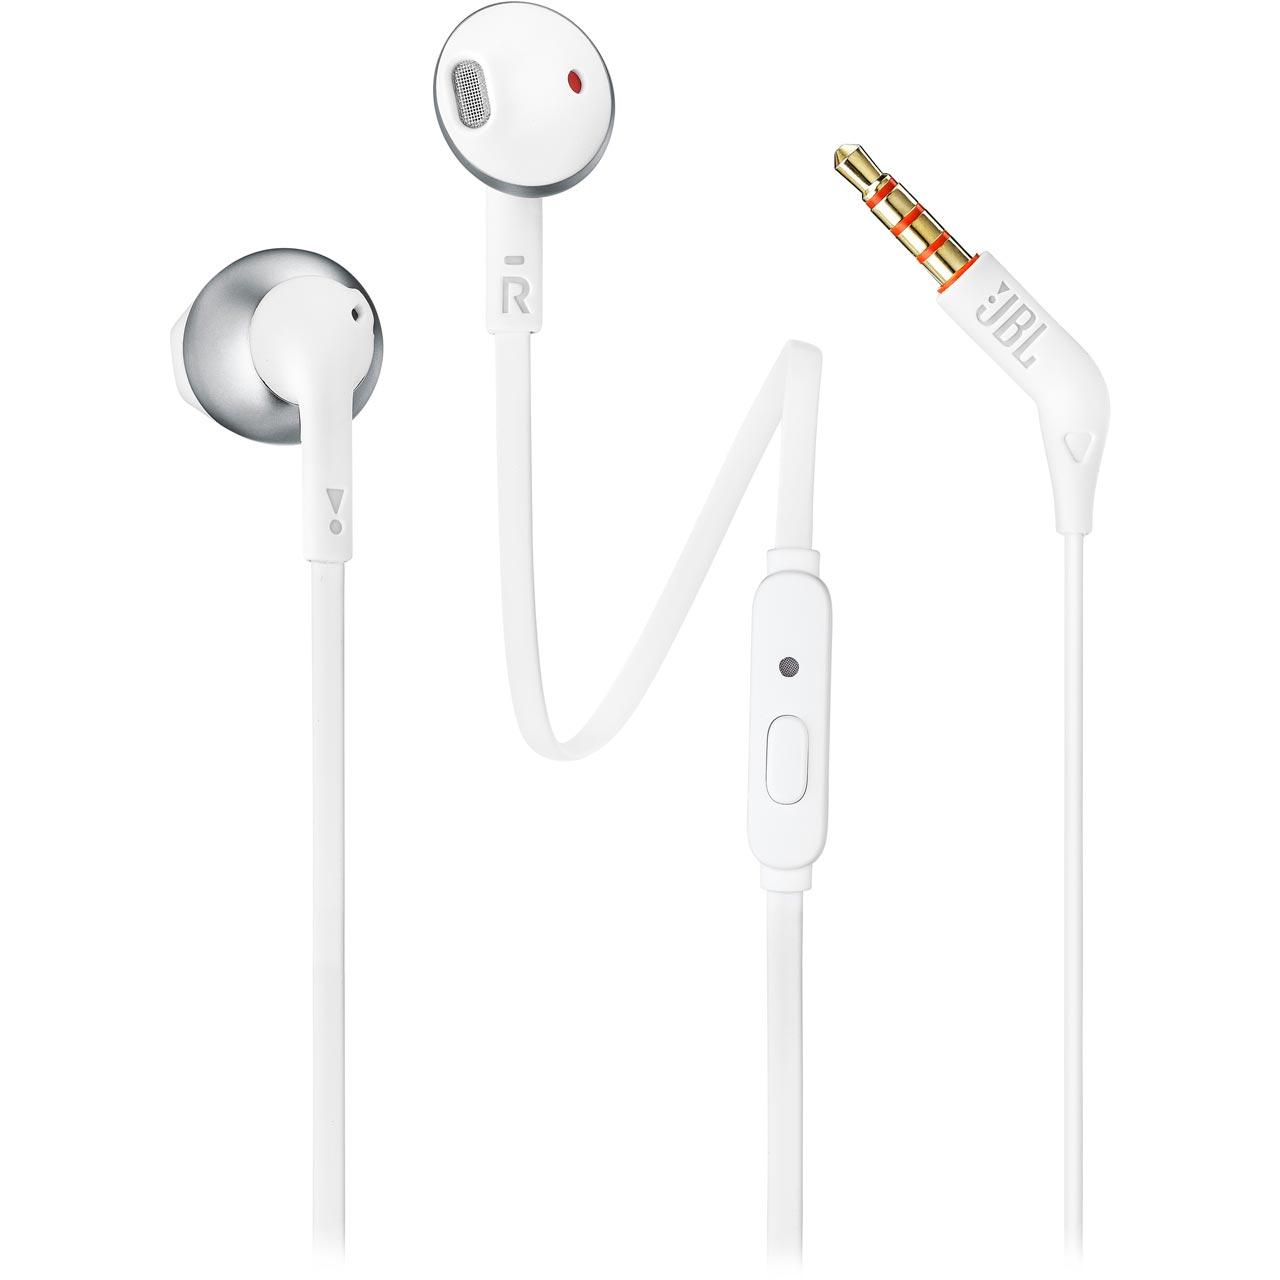 28c6117b22e ... JBL Tune205BT In-Ear Wireless Headphones - Silver - 368802 - 1 ...